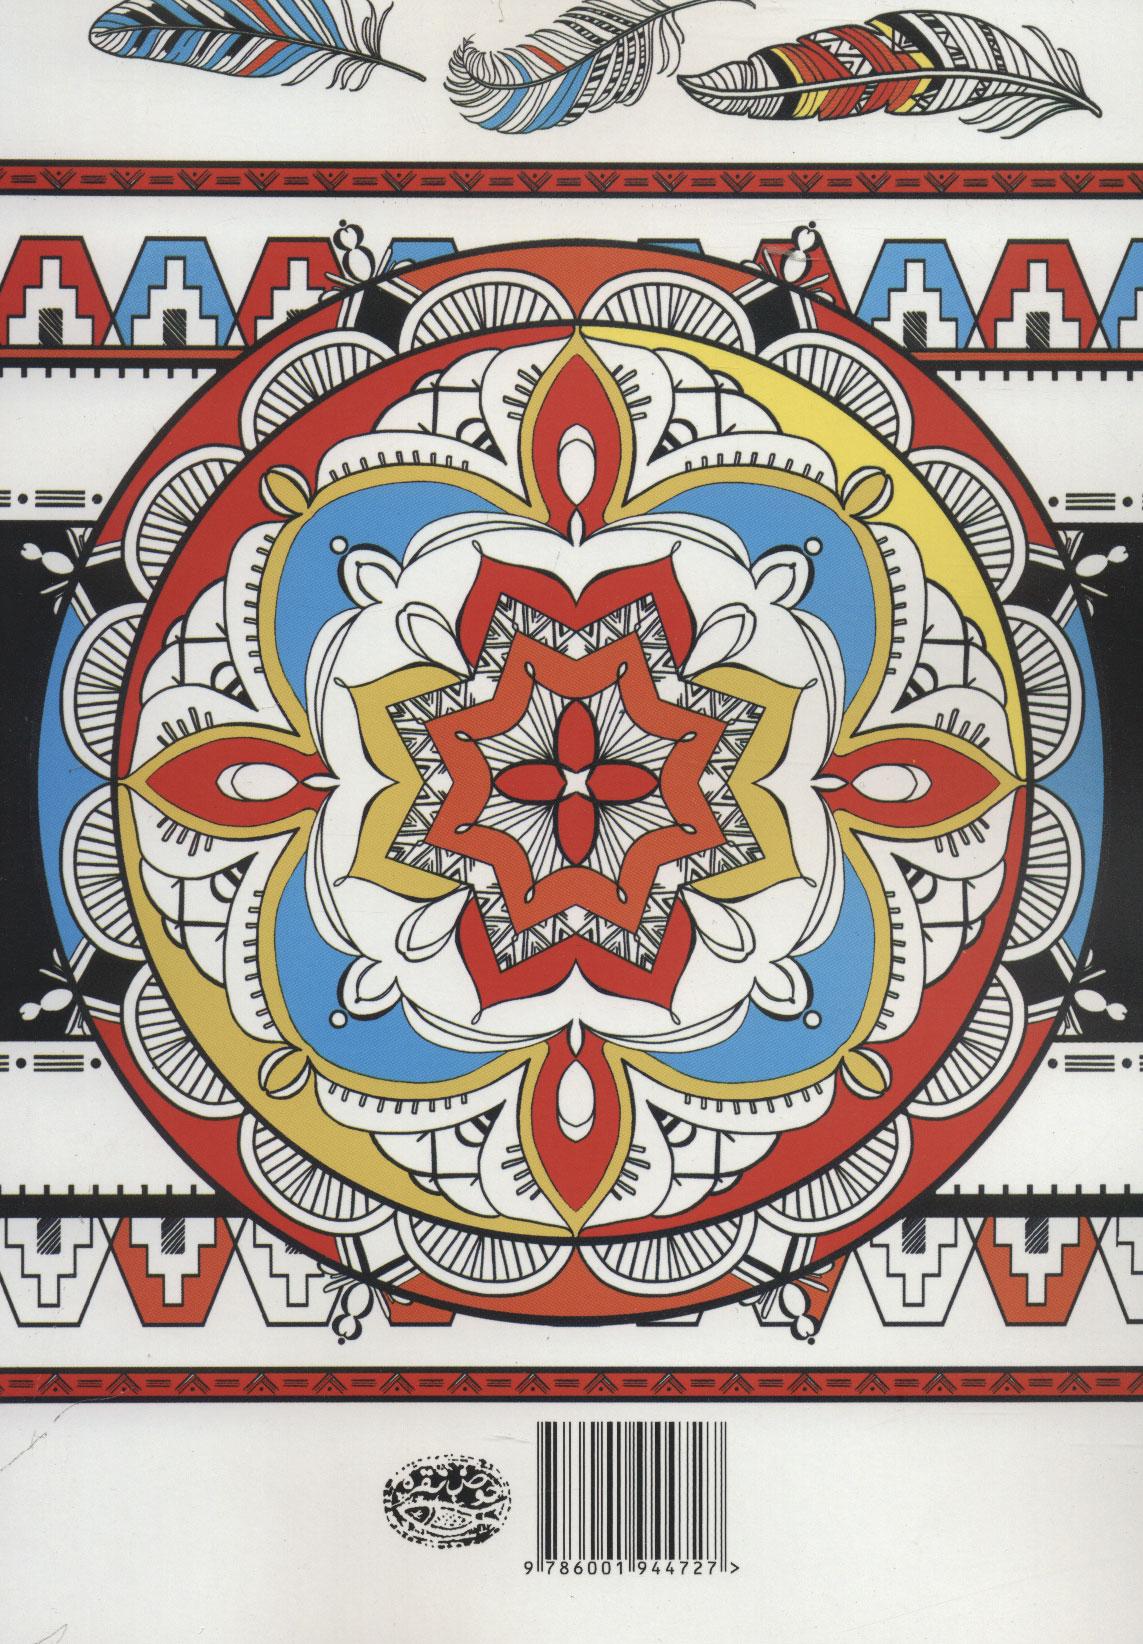 رنگ آمیزی ماندالا:مجموعه ای آرامش بخش از تصویرهای خطی زیبا (کافه نقاشی32)